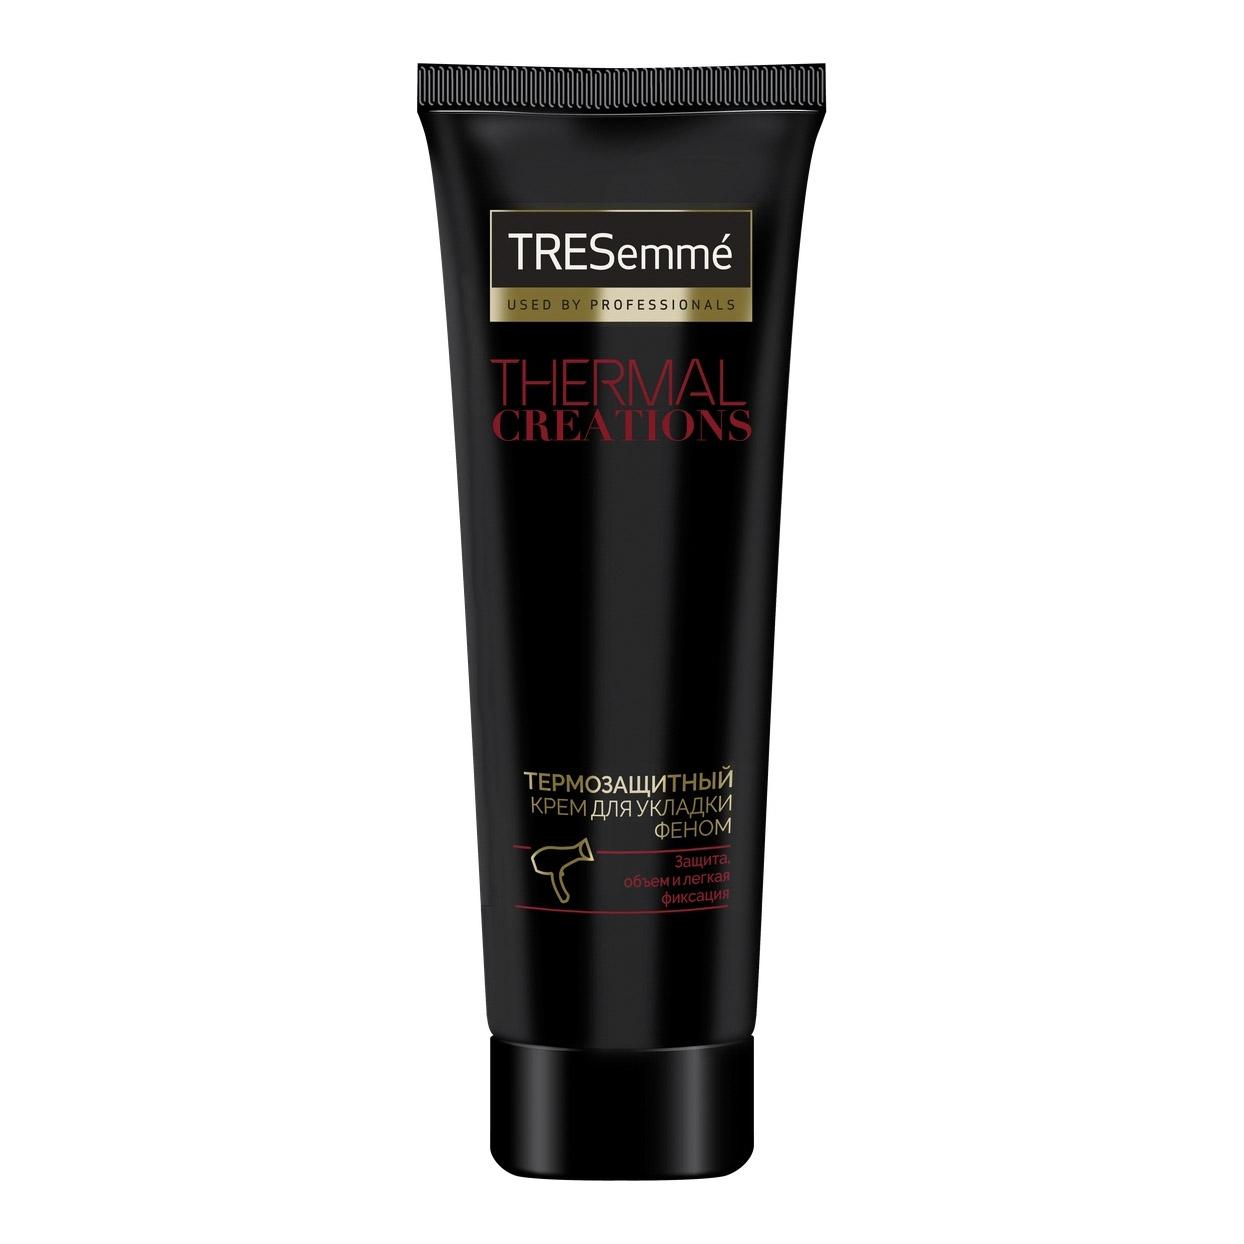 Термозащитный крем для волос TRESemmé Thermal Creations 70 мл